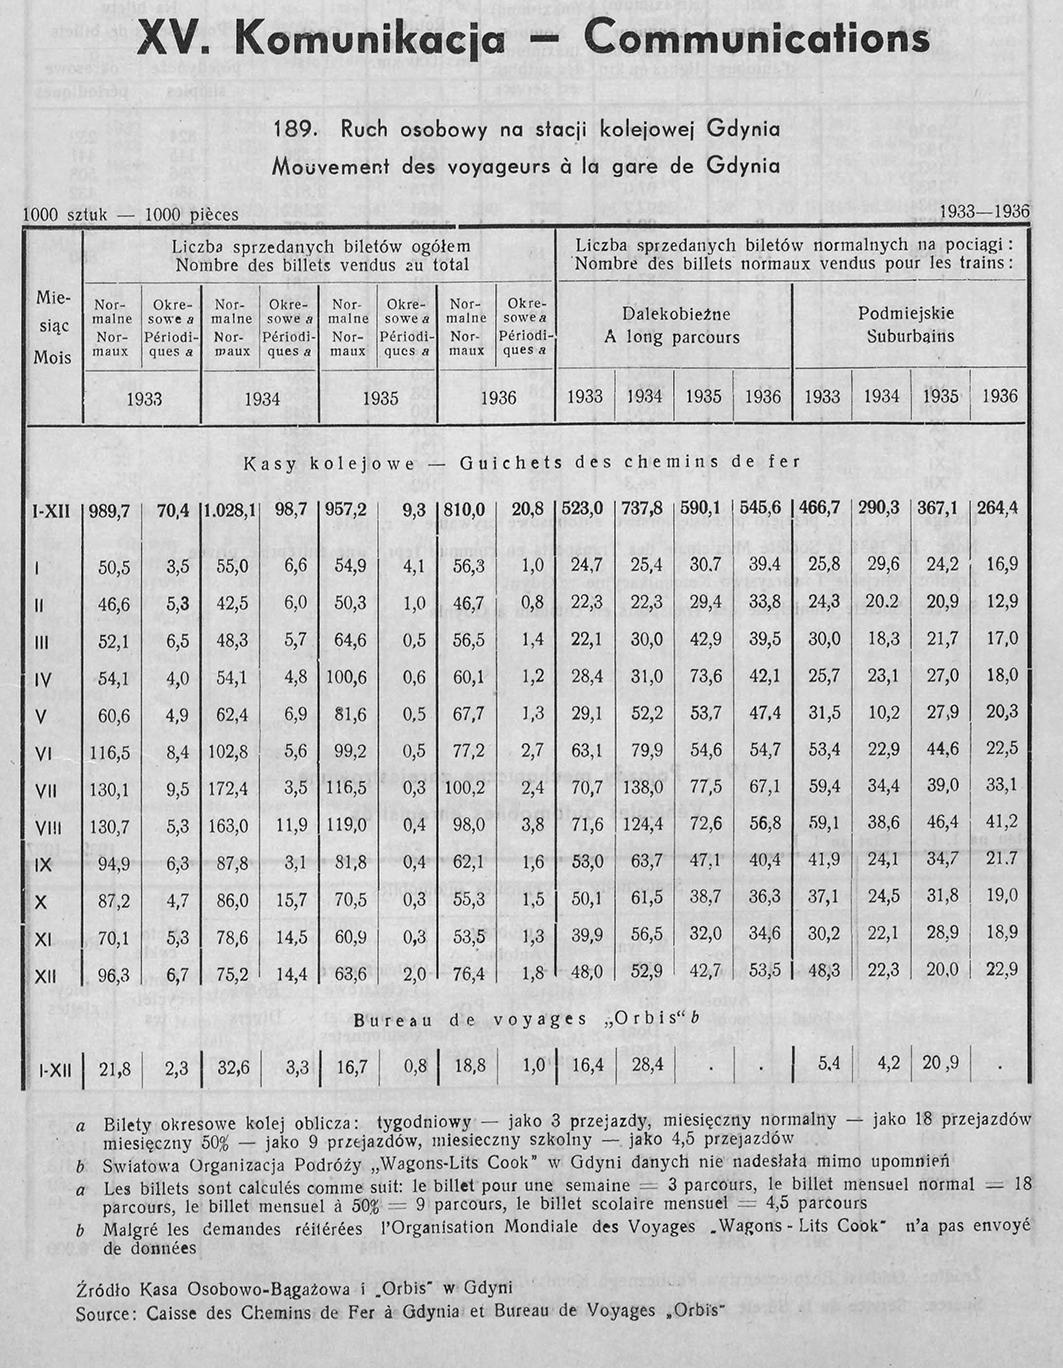 KOMUNIKACJA, [W:] ROCZNIK STATYSTYCZNY GDYNI, REDAKCJA BOLESŁAW POLKOWSKI KIEROWNIK BIURA STATYSTYCZNEGO, GDYNIA 1937